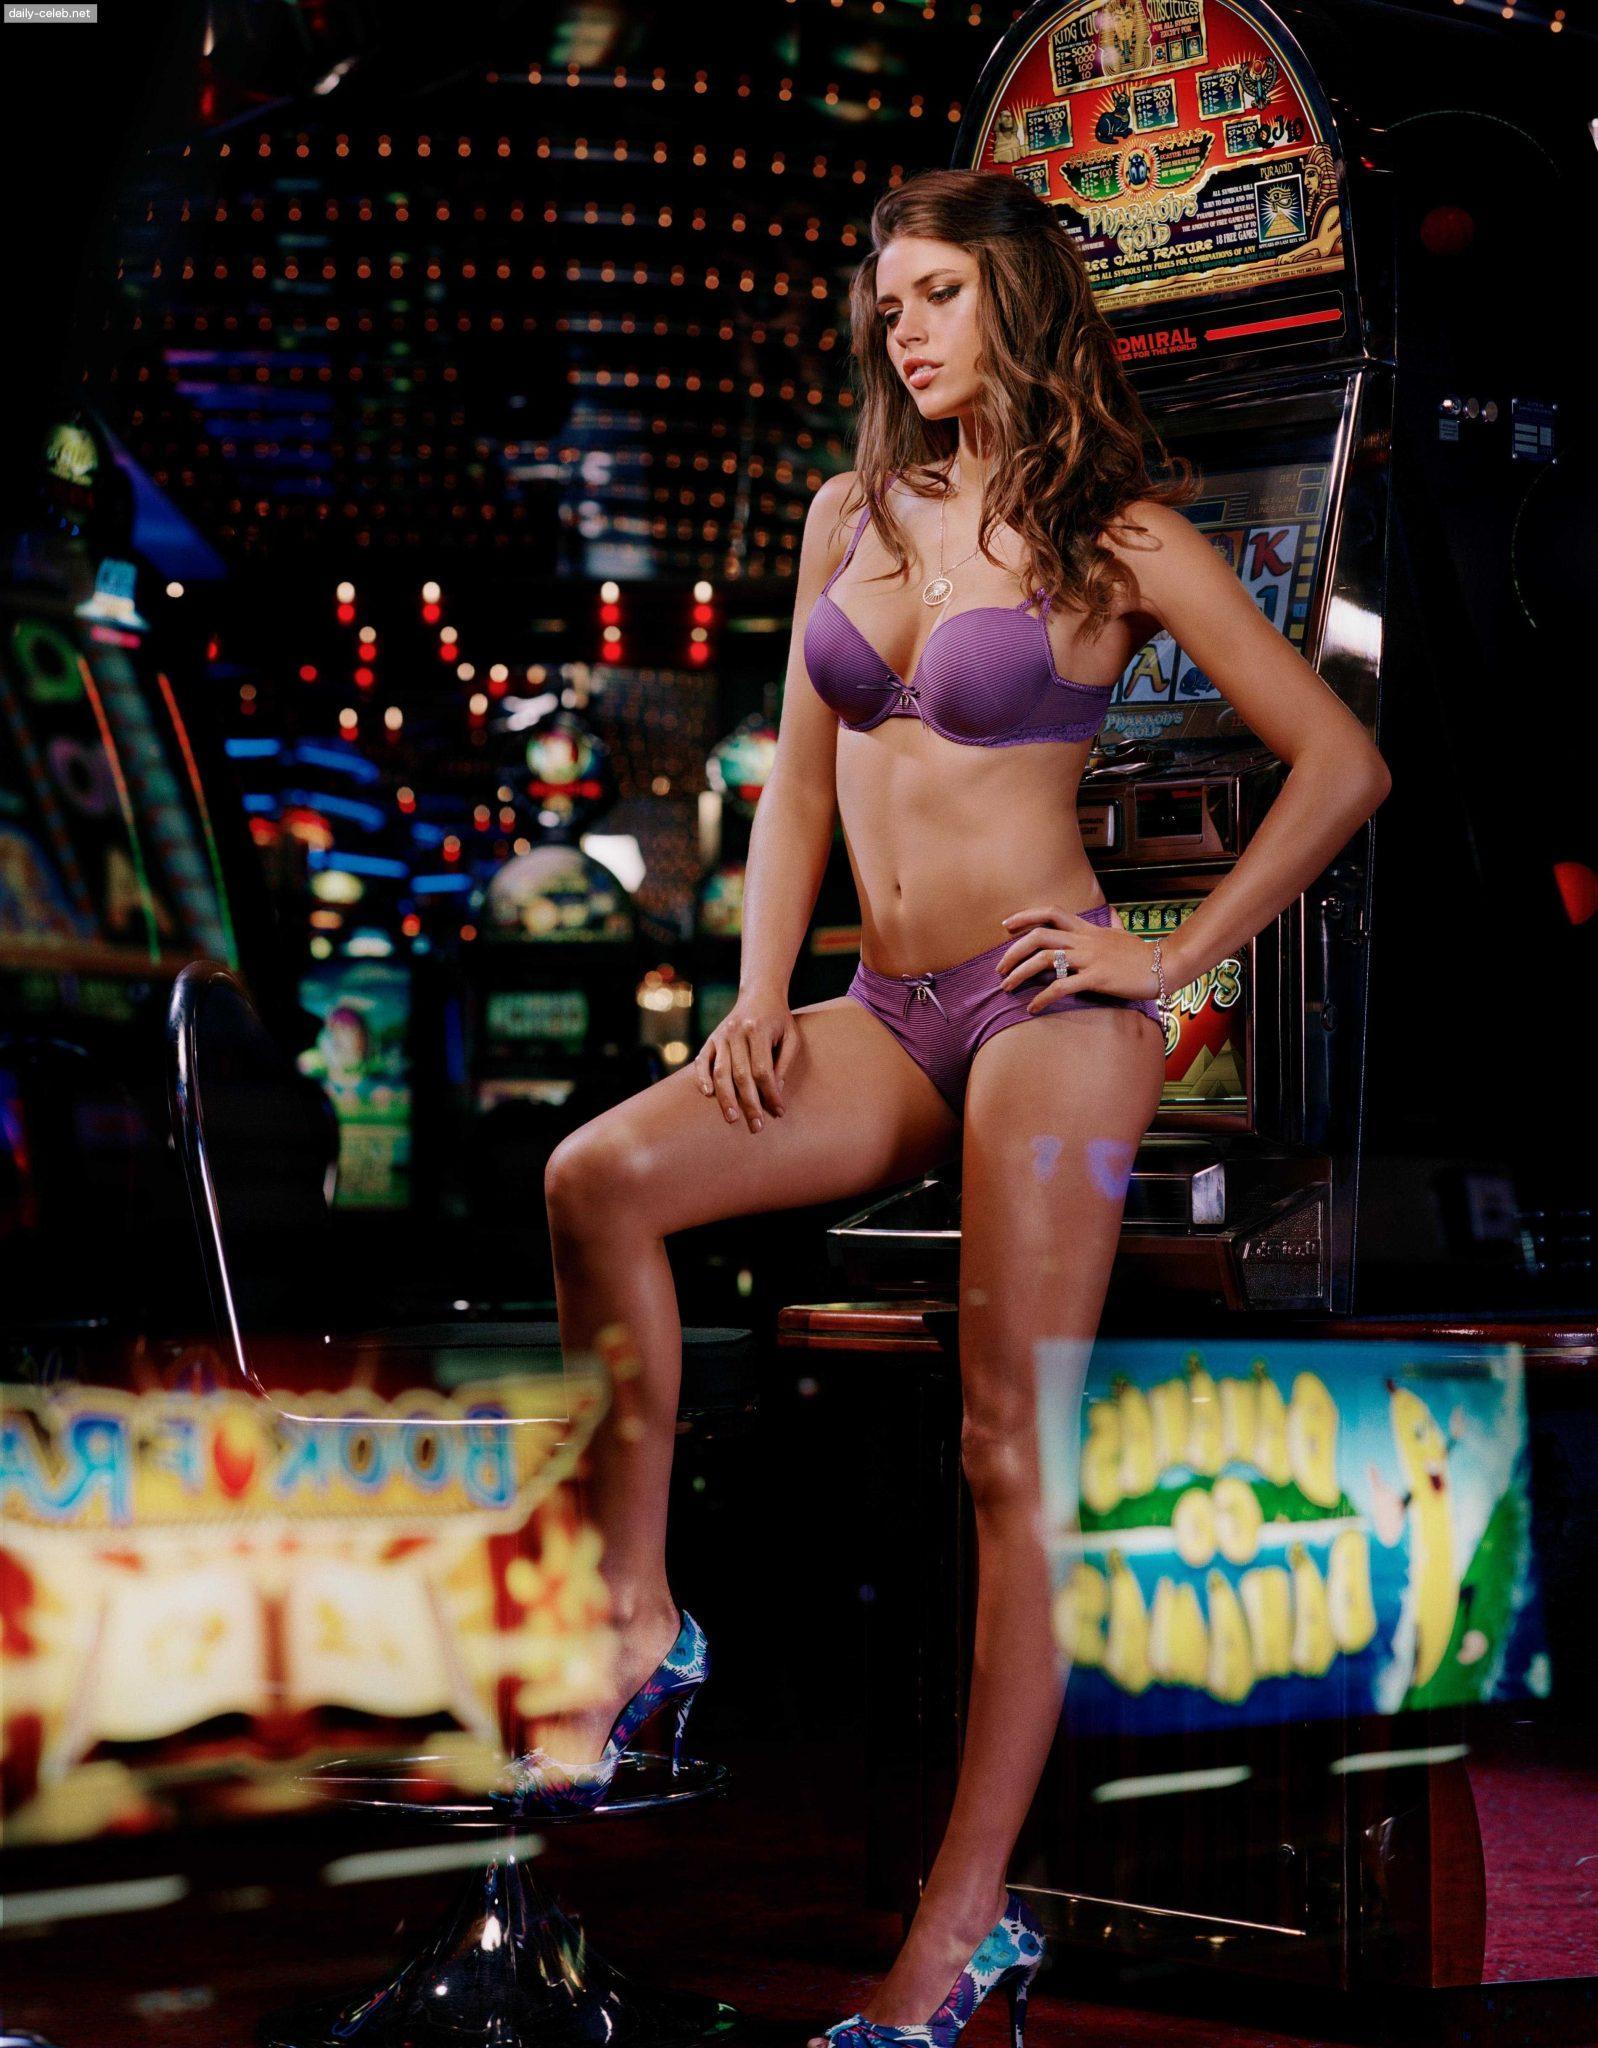 Kim Cloutier sexy pics